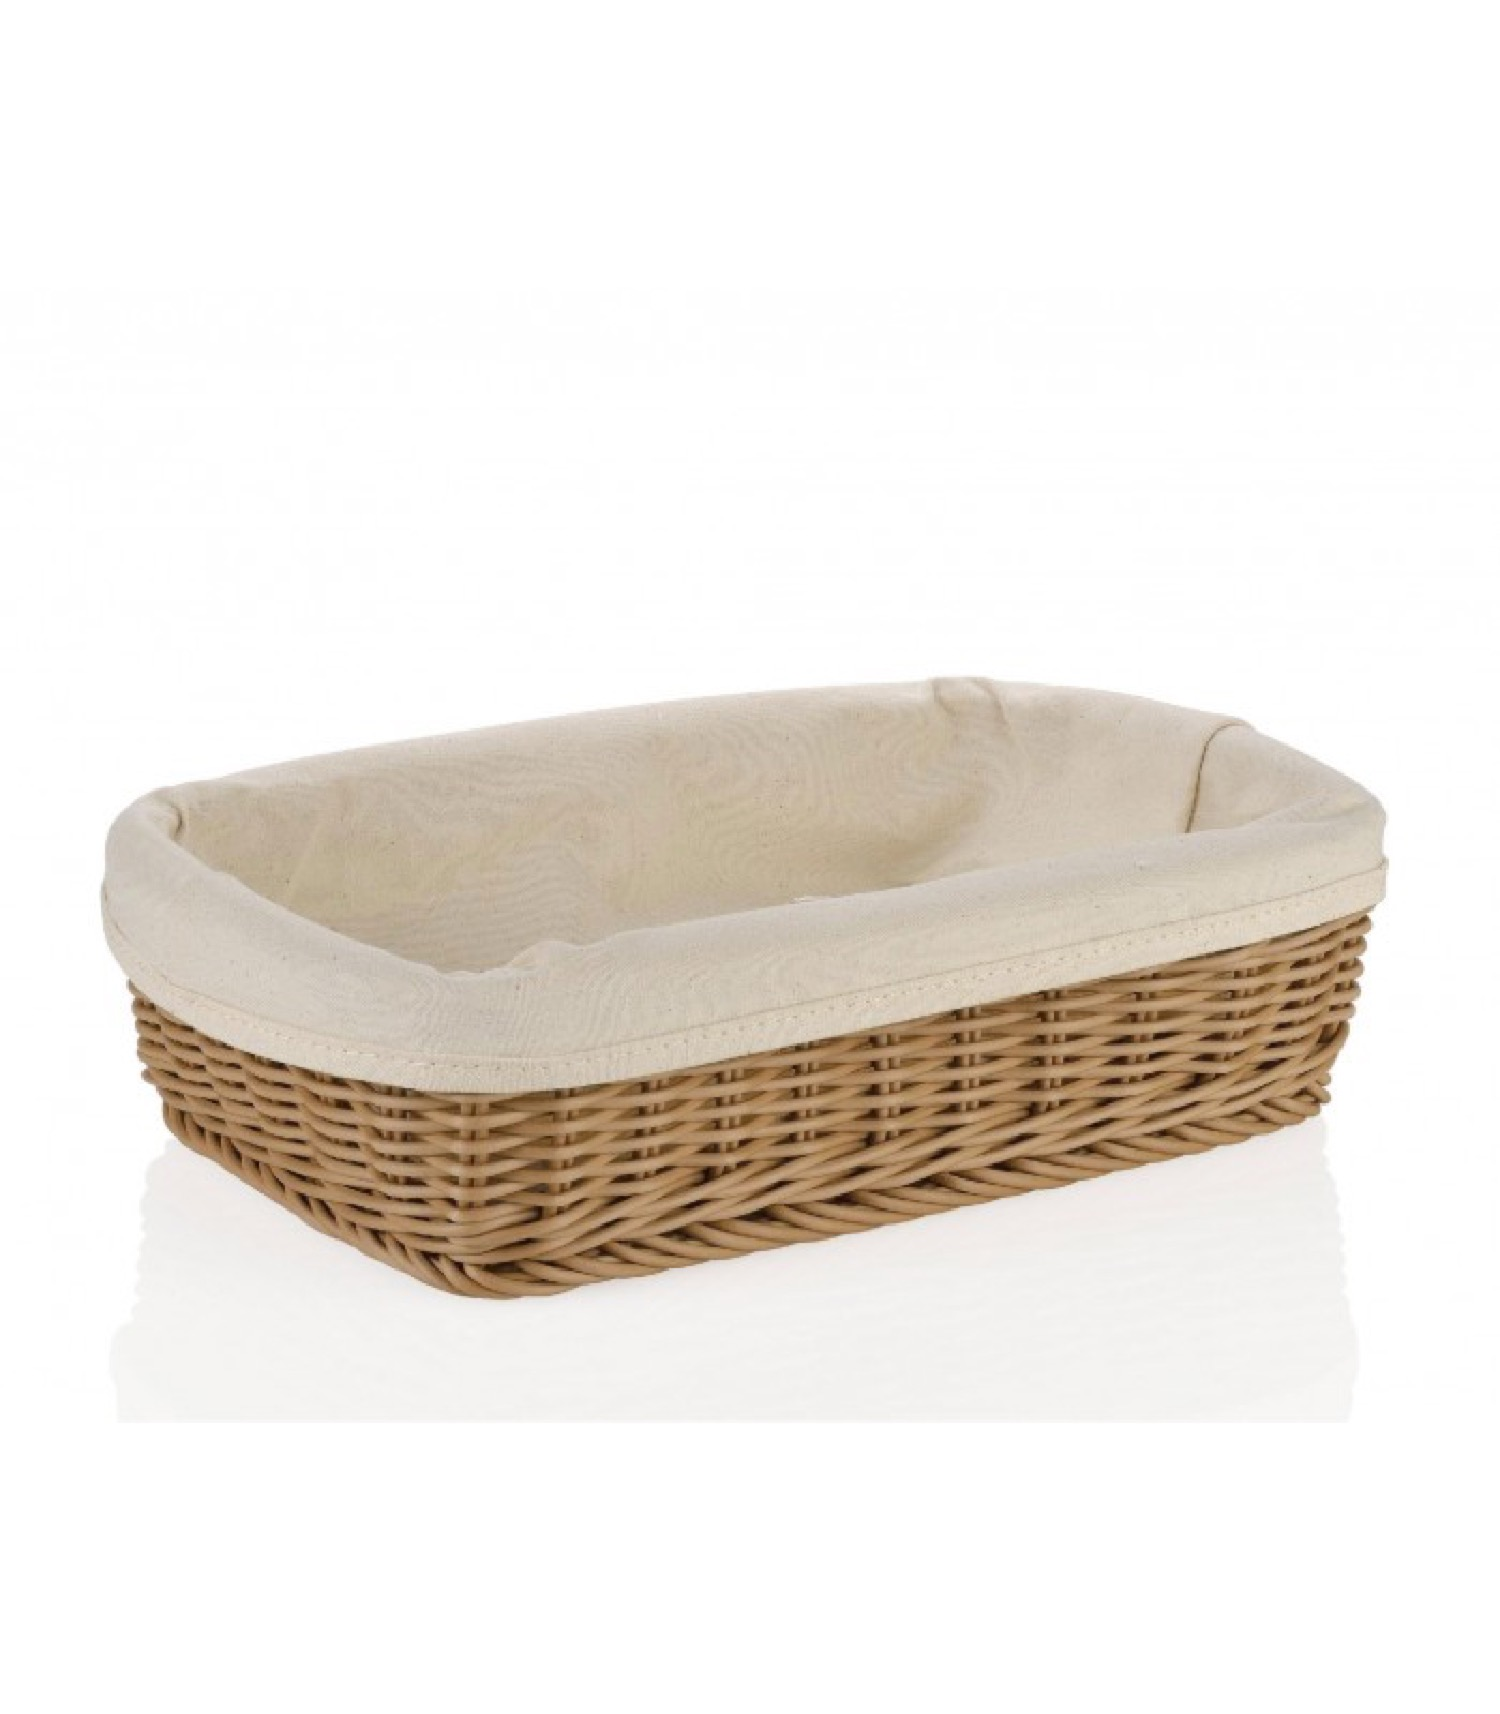 Corbeille à pain traditionnelle rectangulaire 30x22cm